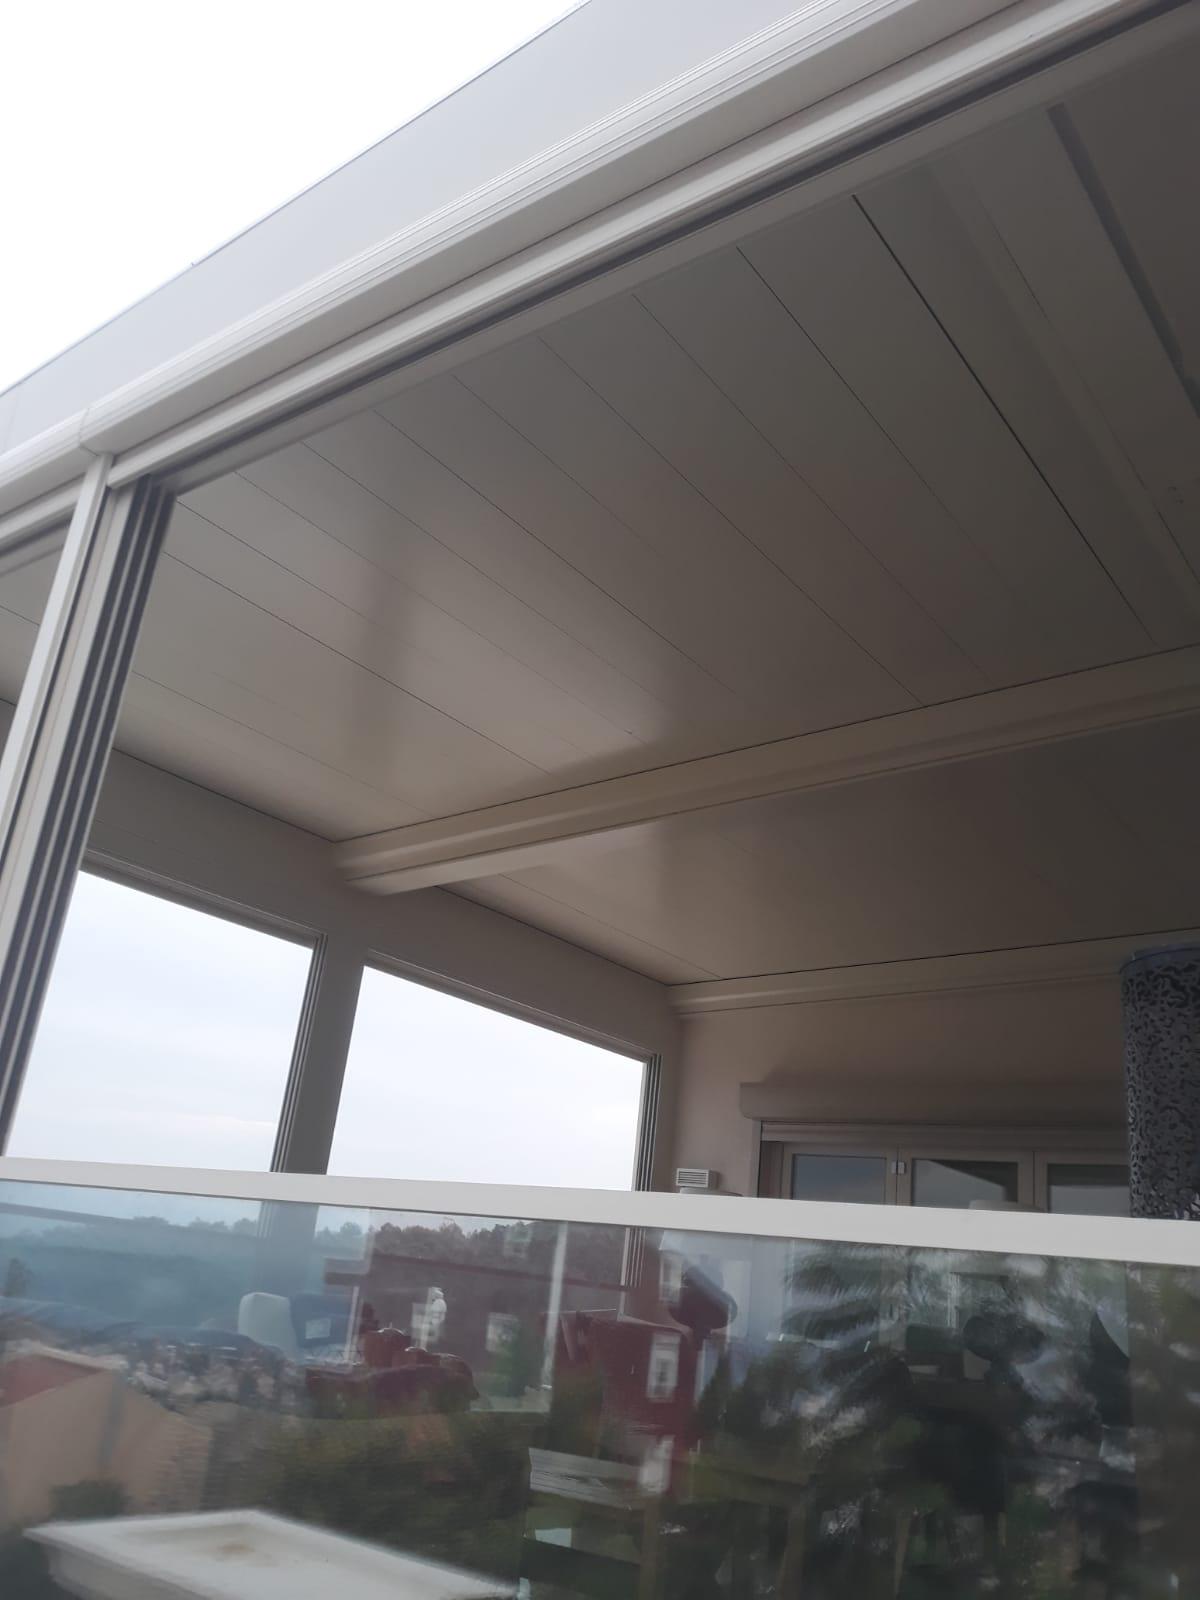 izmir pergola çatı tavan